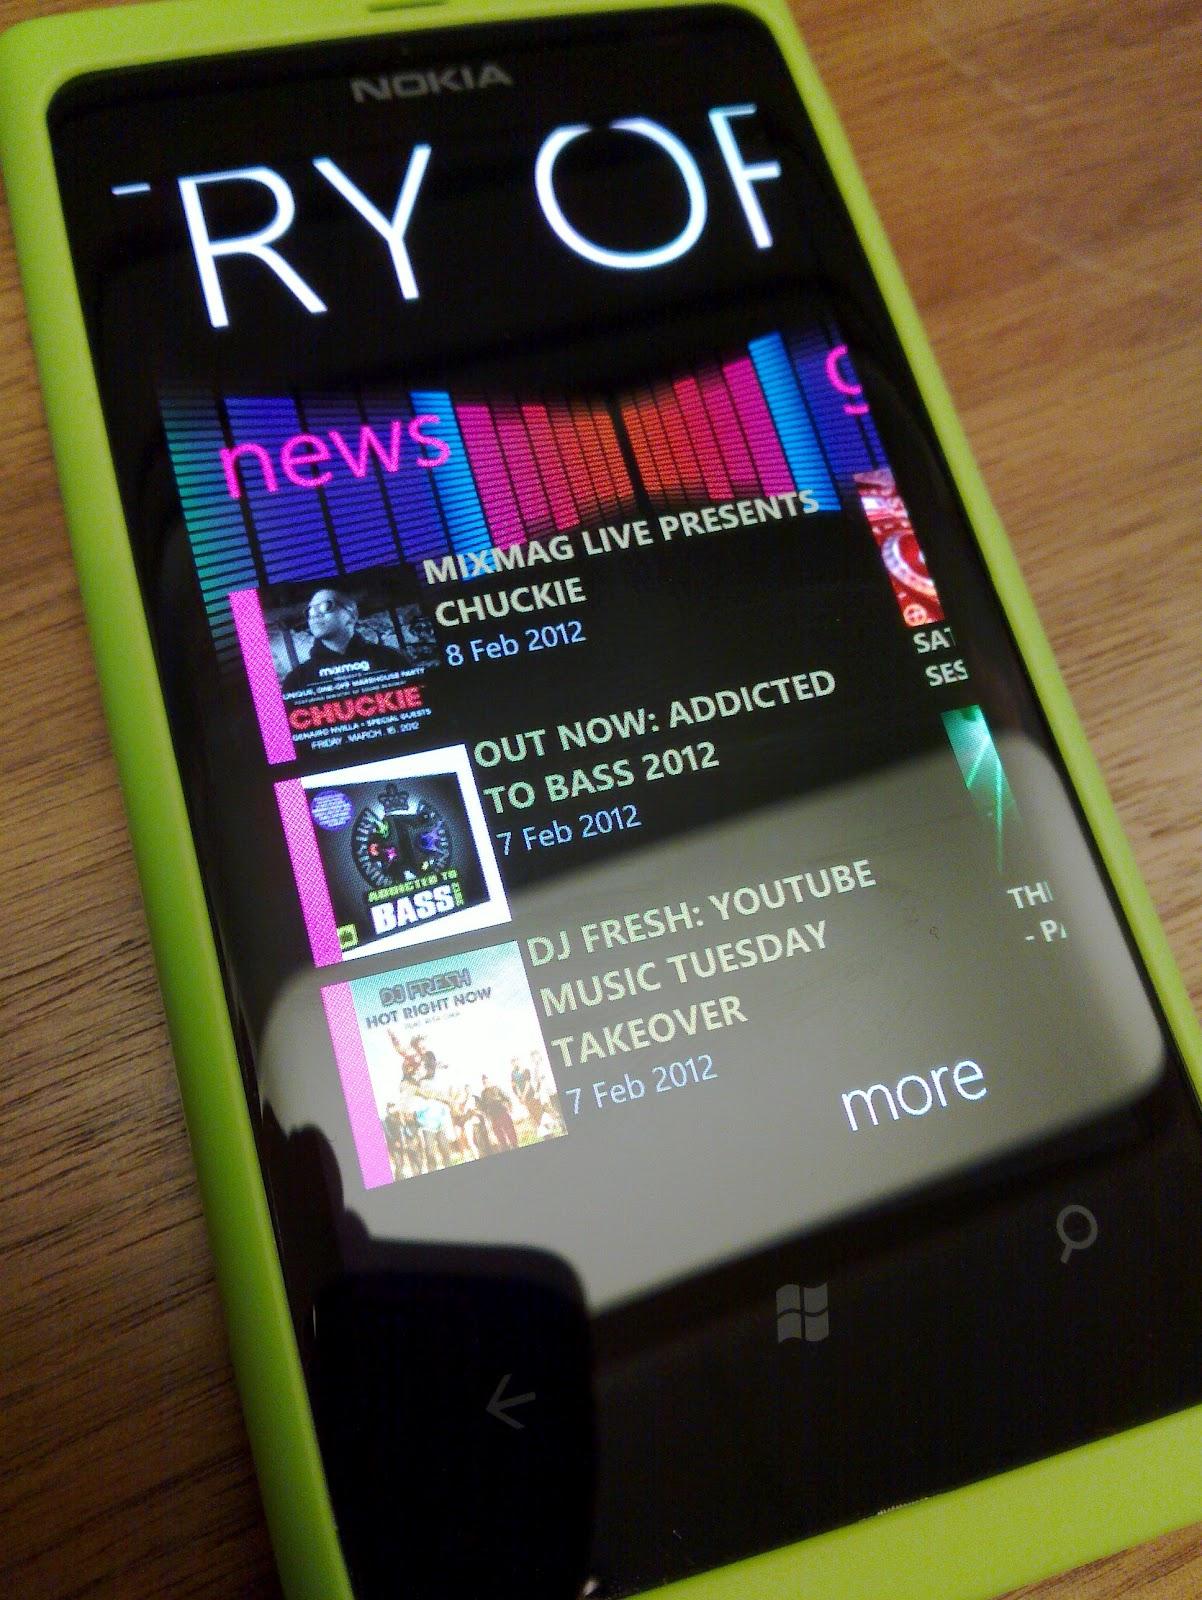 ... ofertas más baratas para el Nokia Lumia 610 - Todas las Ofertas bc-ten–bet-at-home open results - new europe